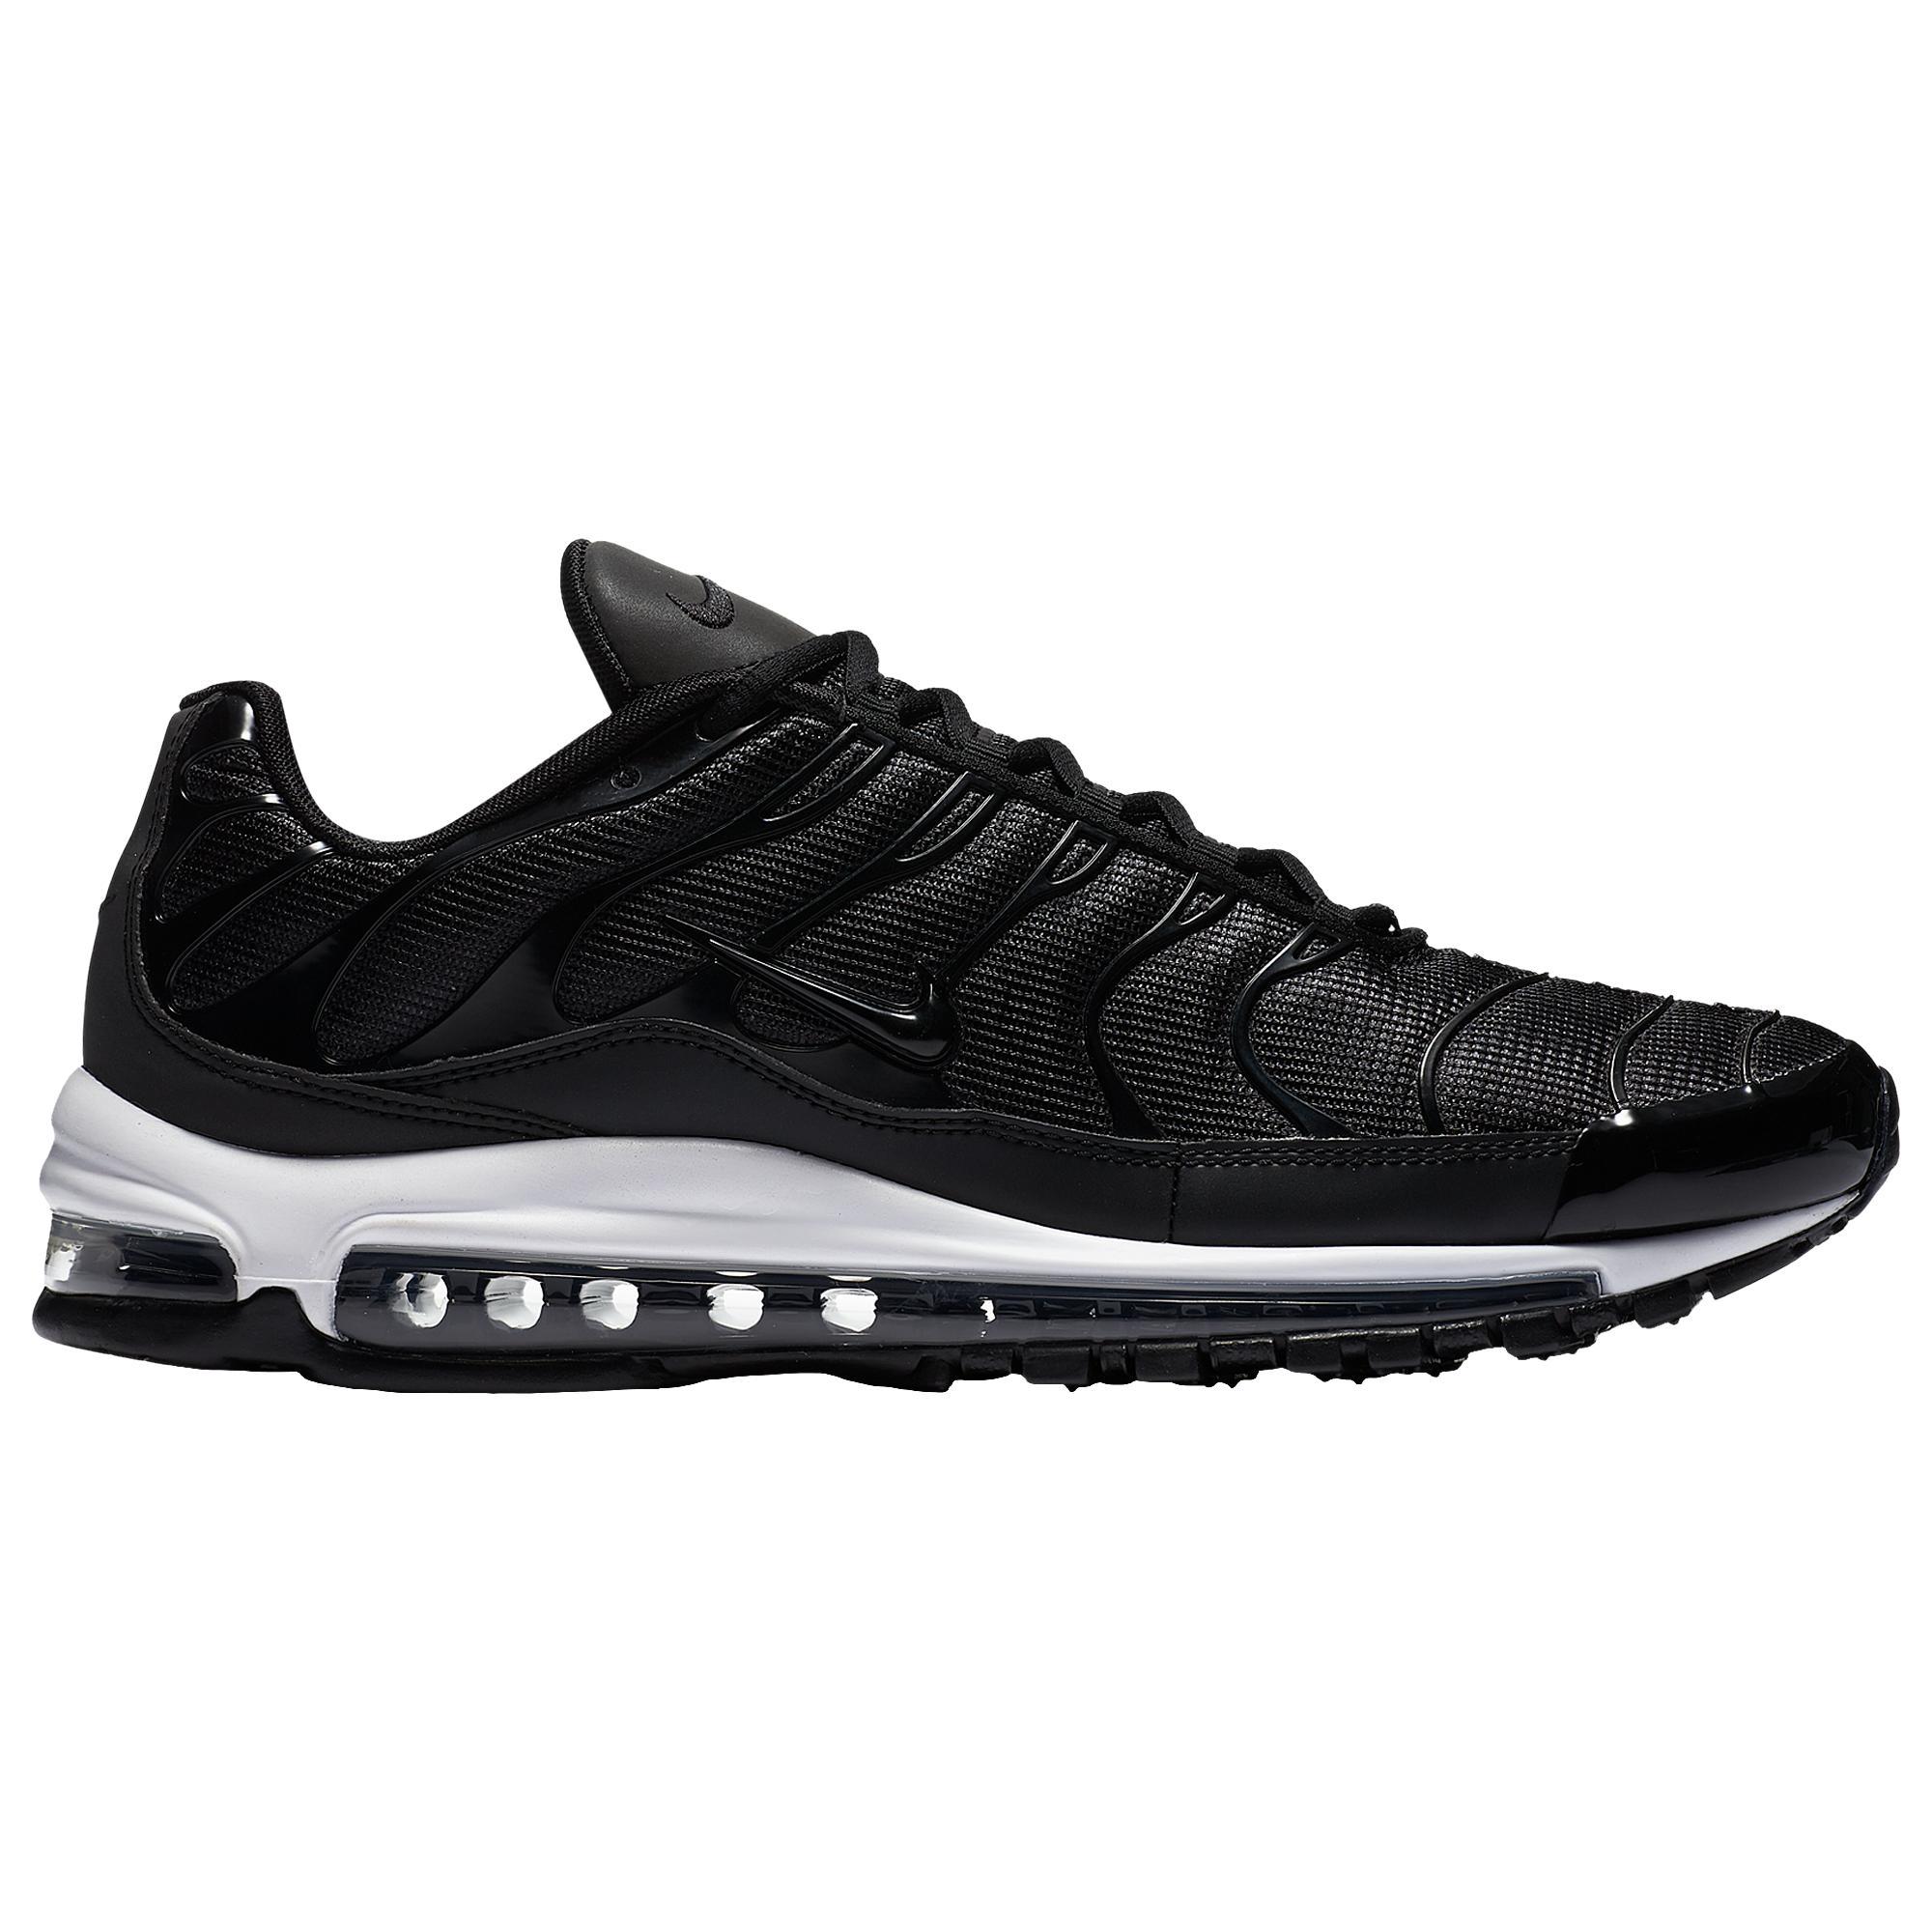 4515180054 Nike - Black Air Max 97 / Plus for Men - Lyst. View fullscreen